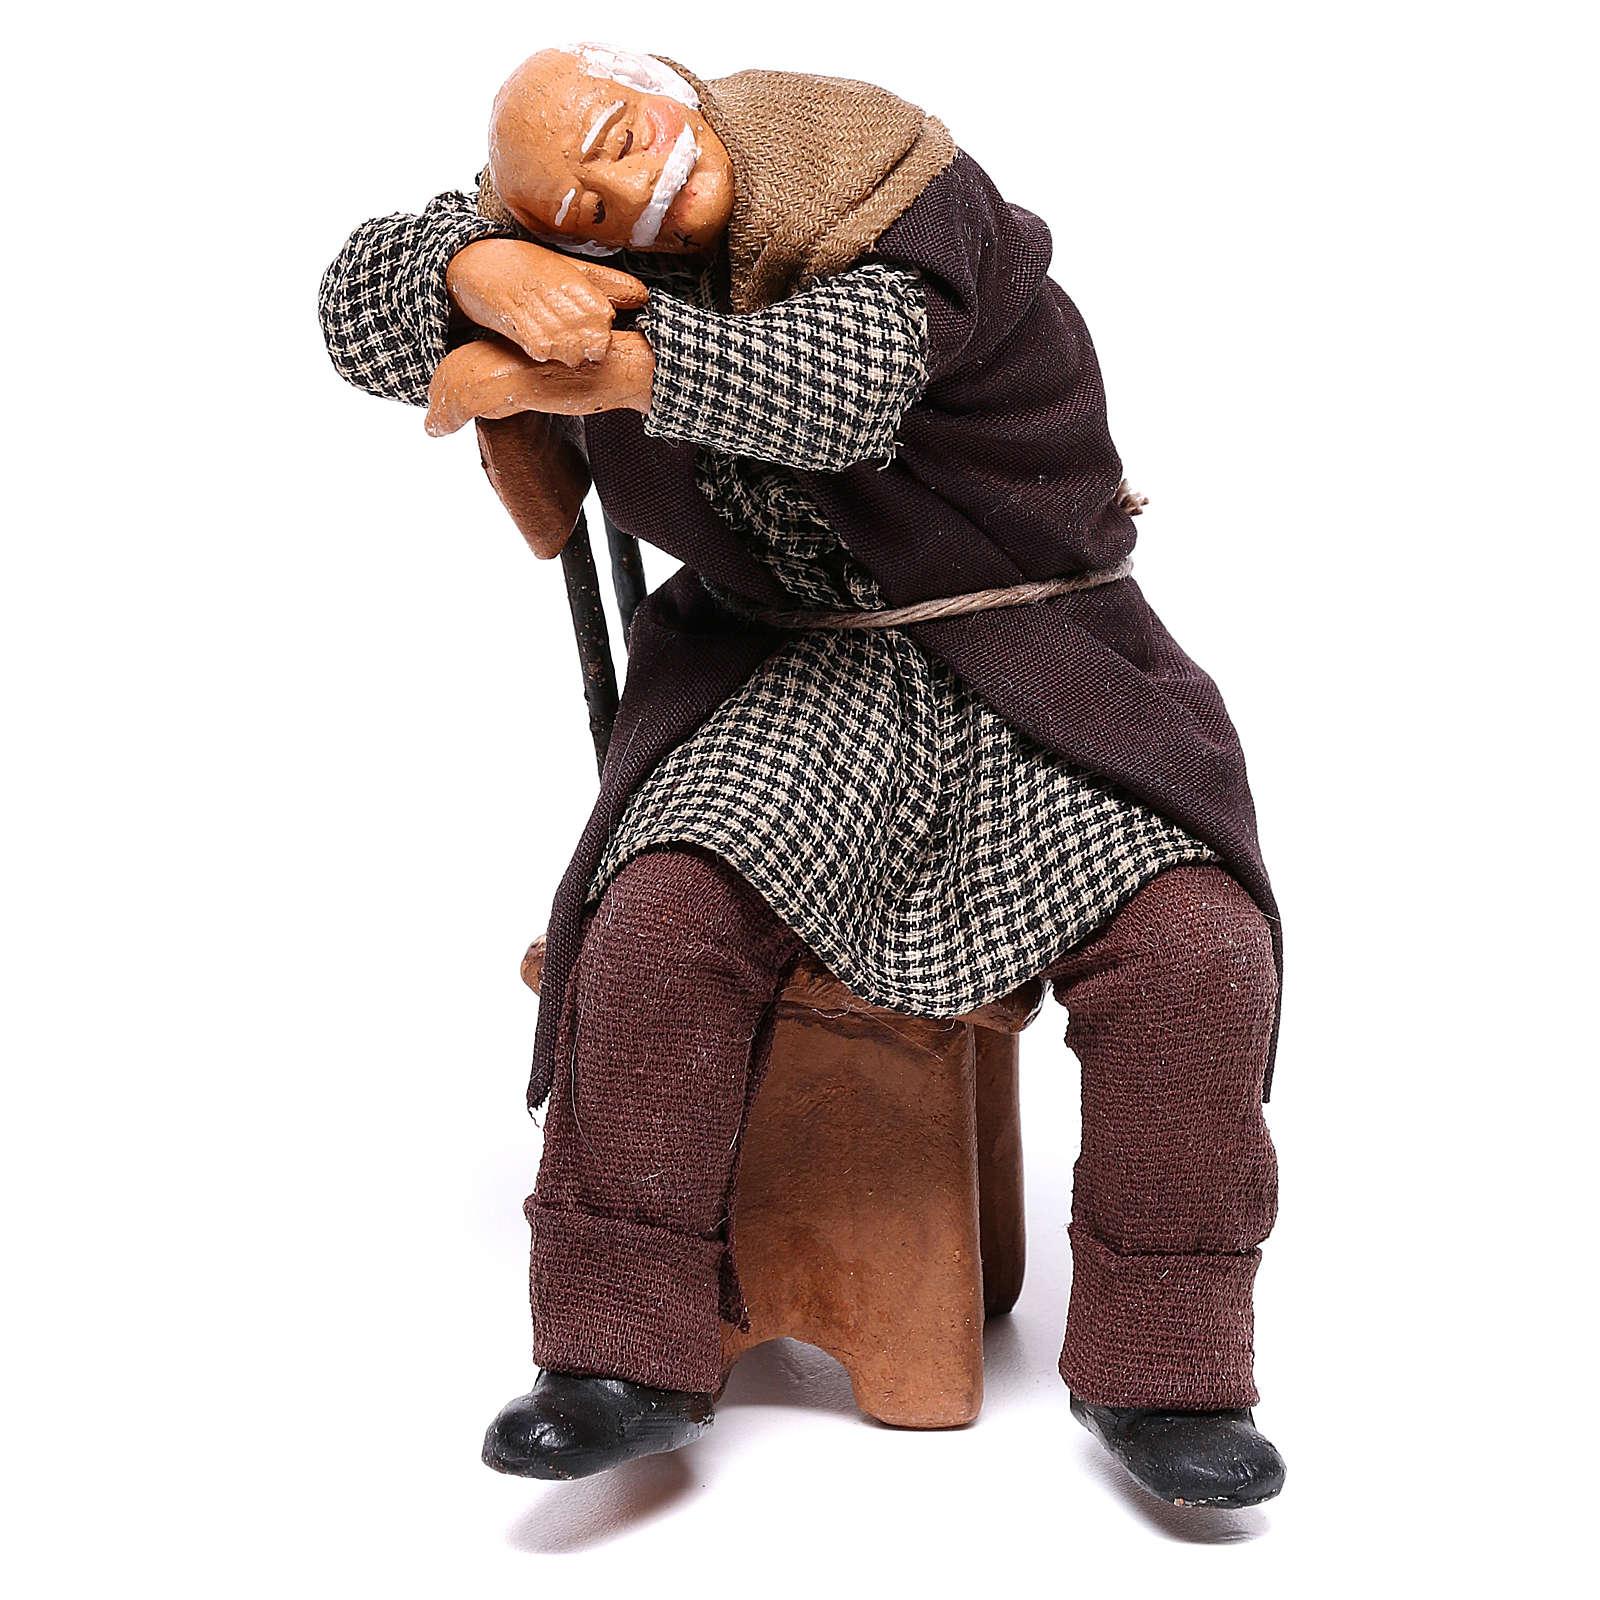 Pijak śpiący na krześle 12 cm szopka z Neapolu 4